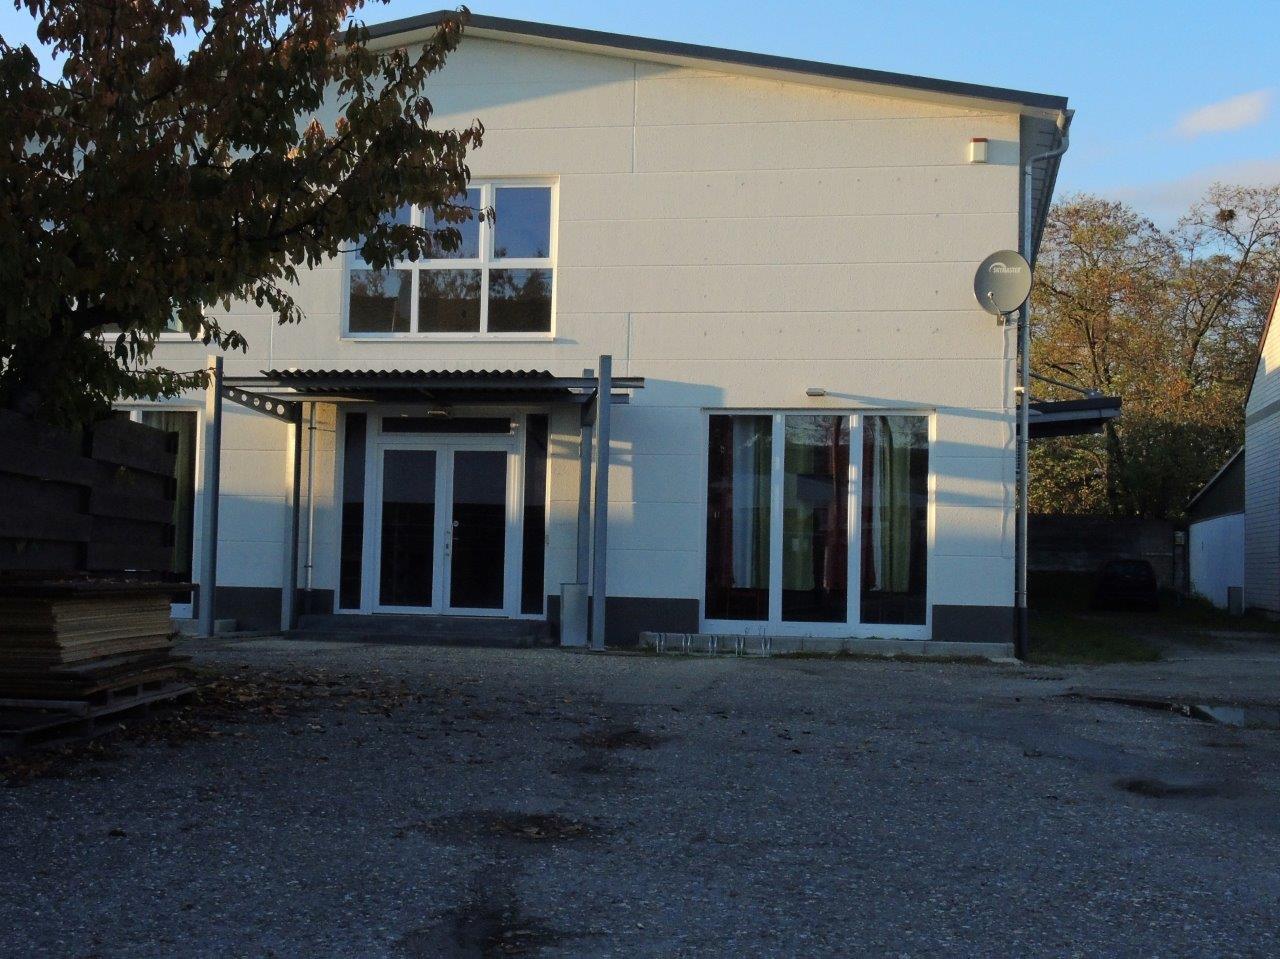 ludwigshafen fwg ludwigshafen empfiehlt dem betreiber anubis f r das geplante tierkrematorium. Black Bedroom Furniture Sets. Home Design Ideas